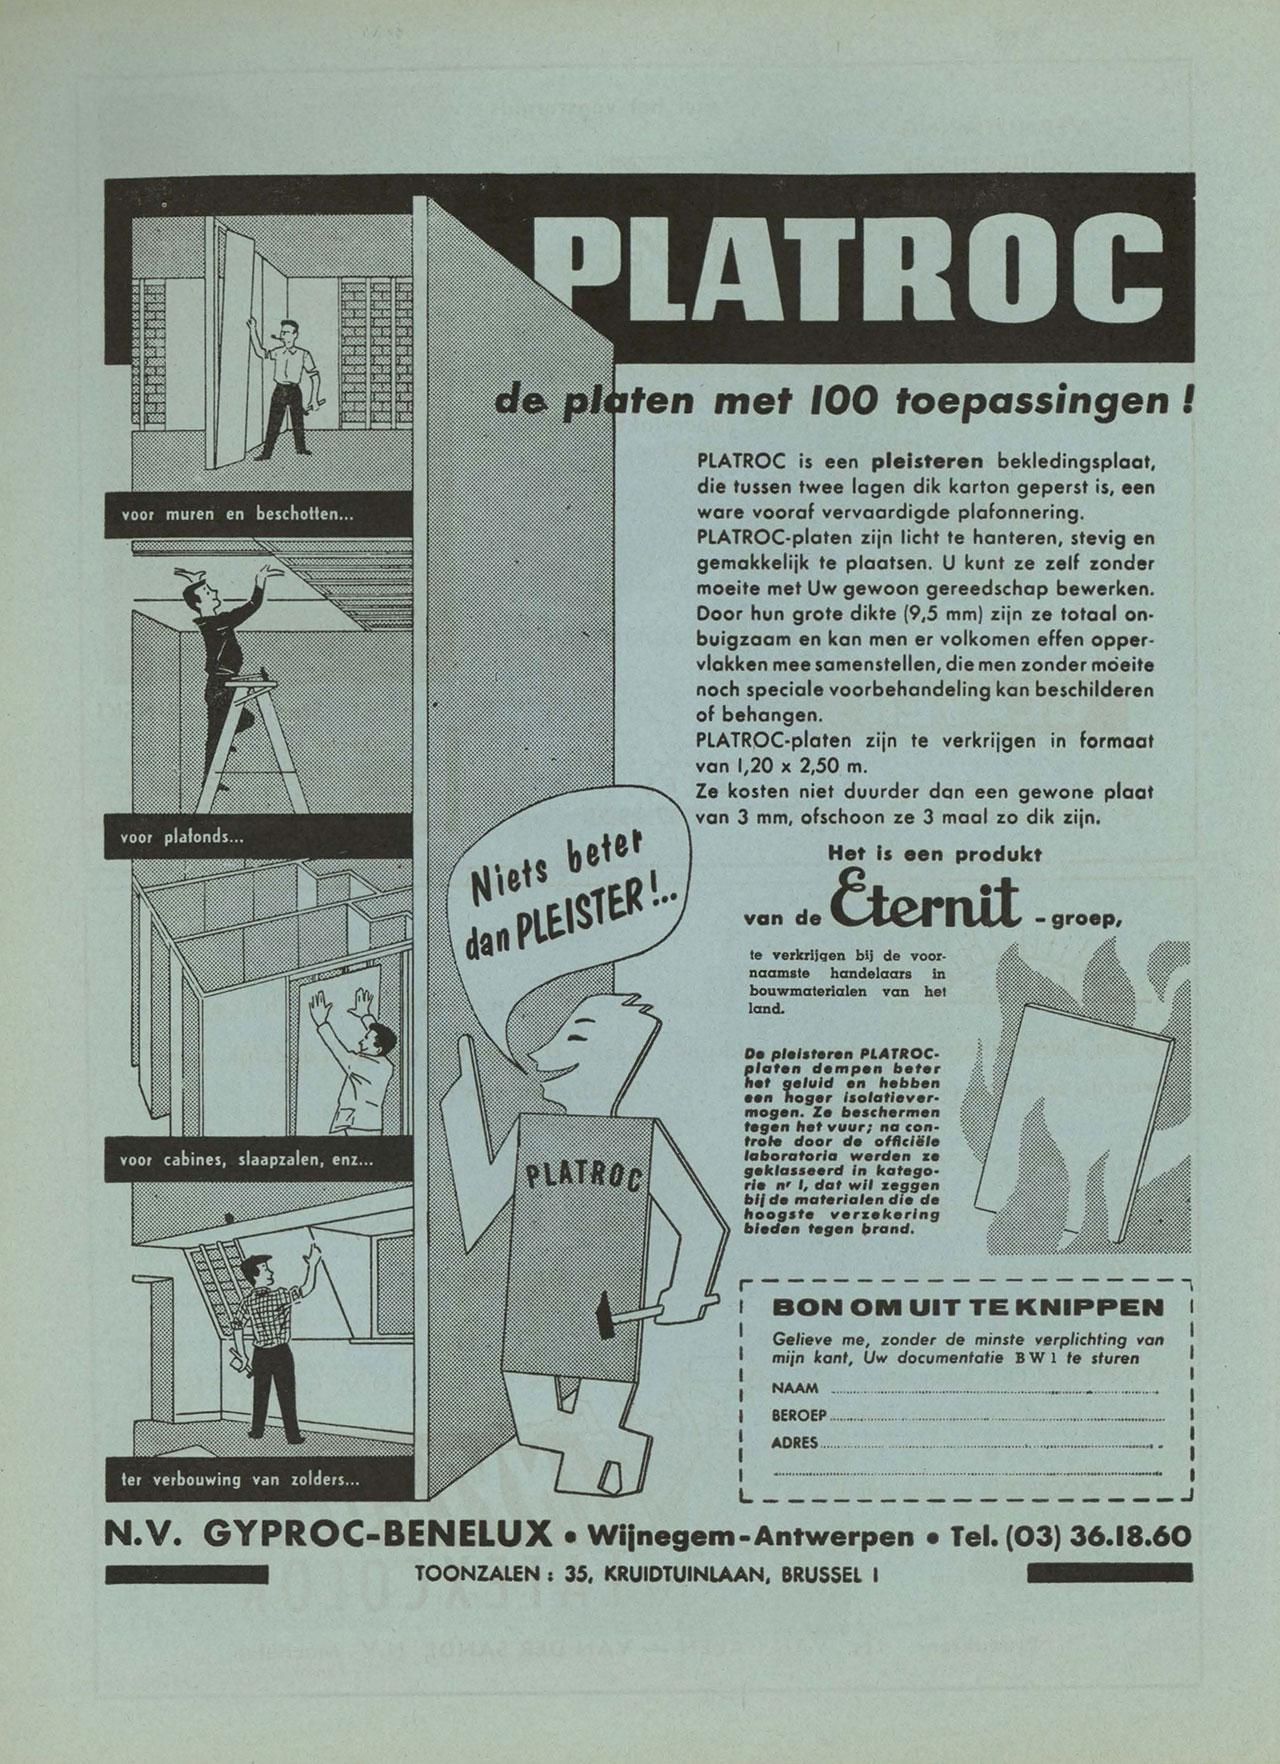 Platroc